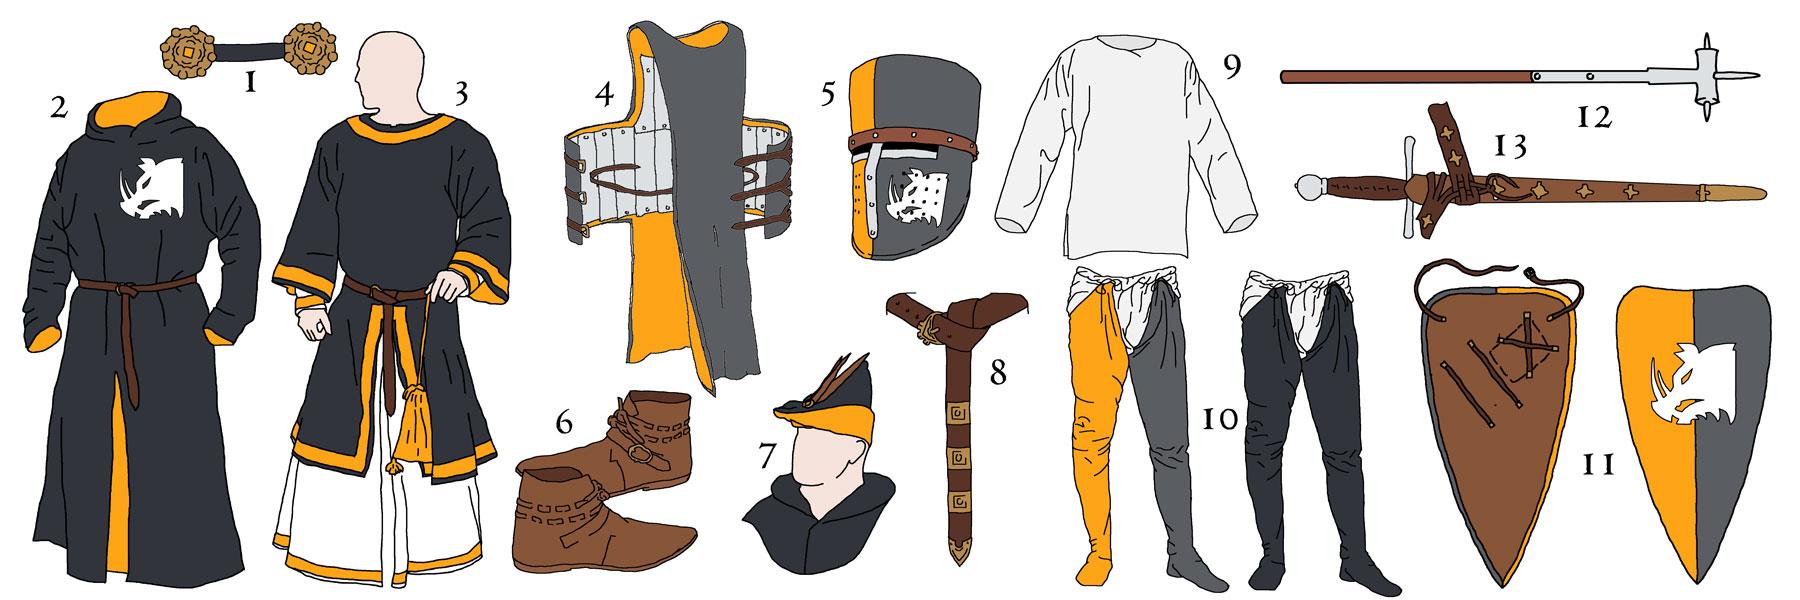 Reichsritter : Kleidung- und Ausstattungspläne 2015